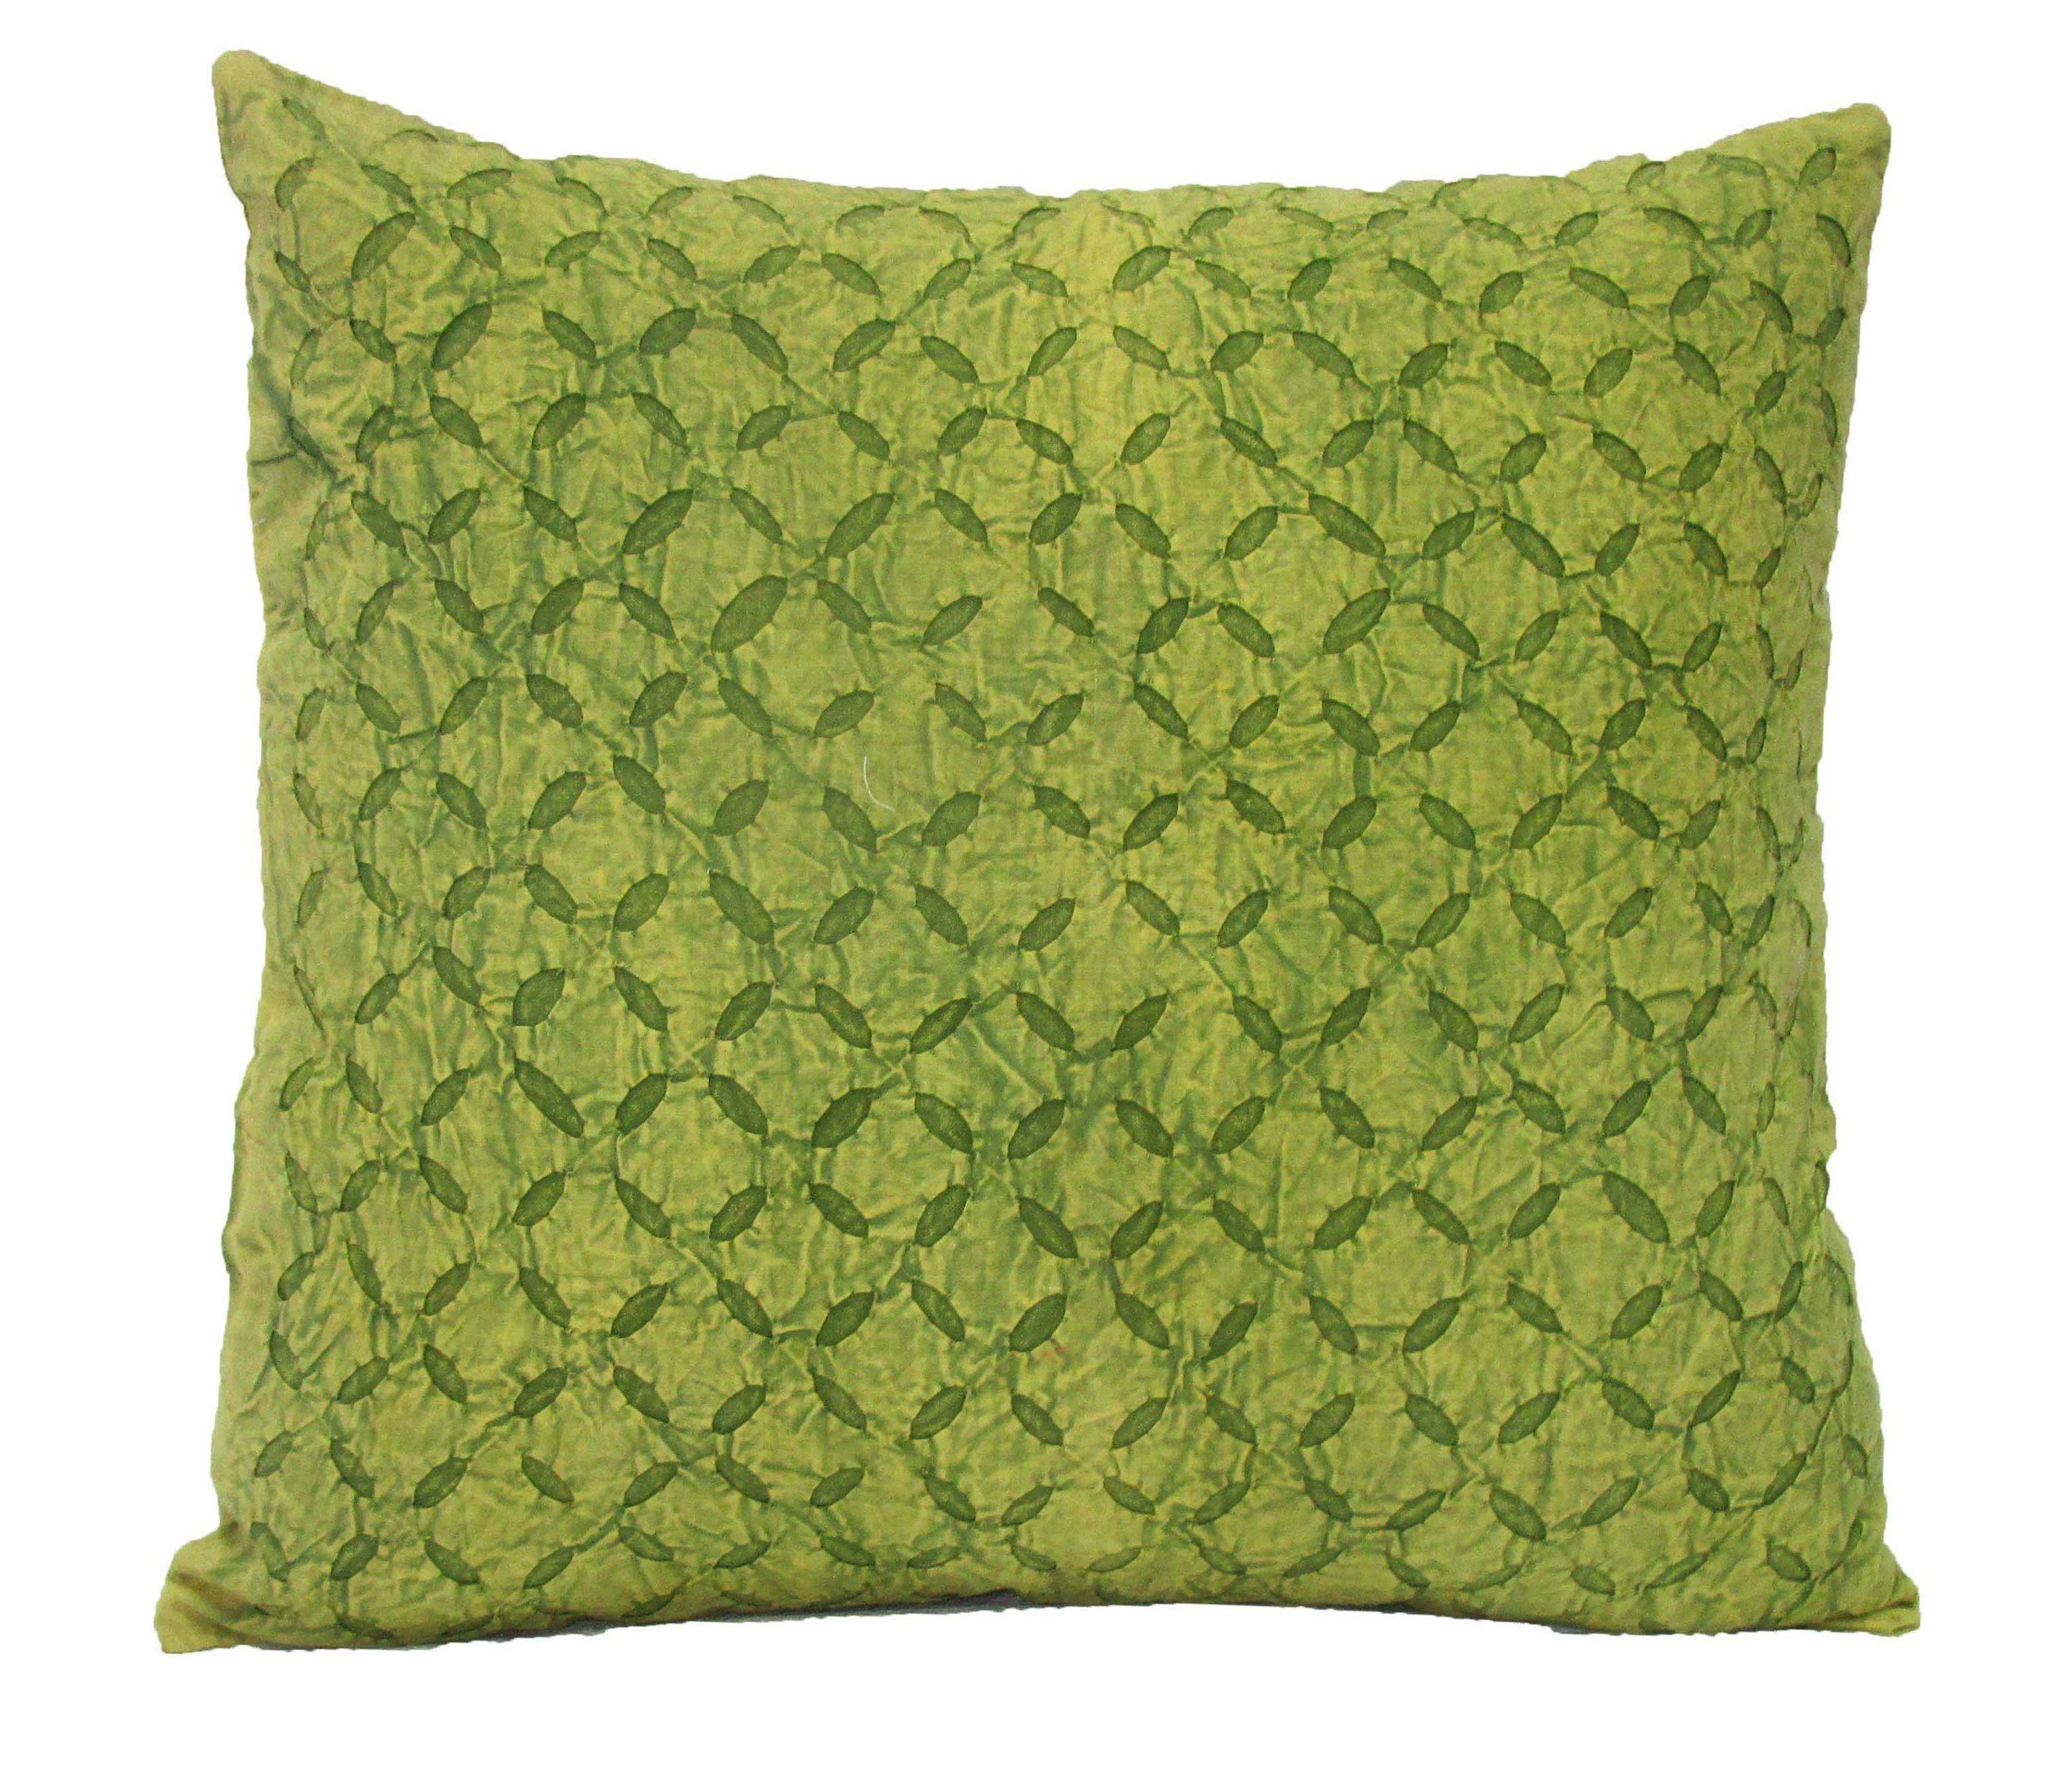 Applique cutwork cushion cover